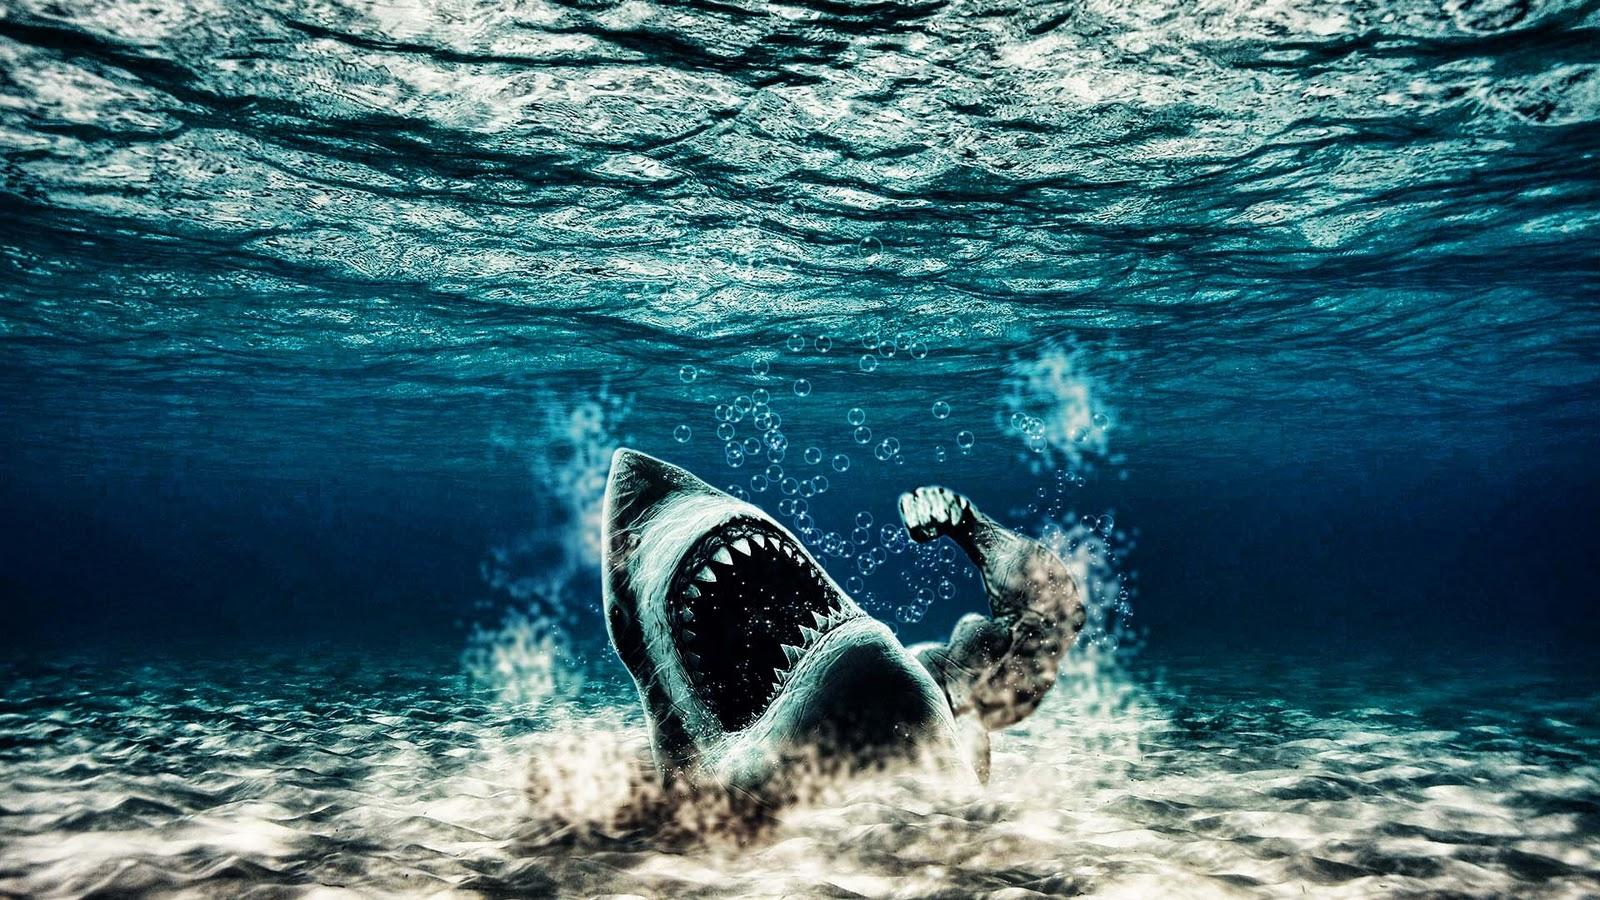 http://1.bp.blogspot.com/-9QXi6GlLEgY/Tw12DZT5QgI/AAAAAAAAWvQ/crLaMqSPYGc/s1600/Haai-achtergronden-dieren-hd-haaien-wallpapers-foto-19.jpg